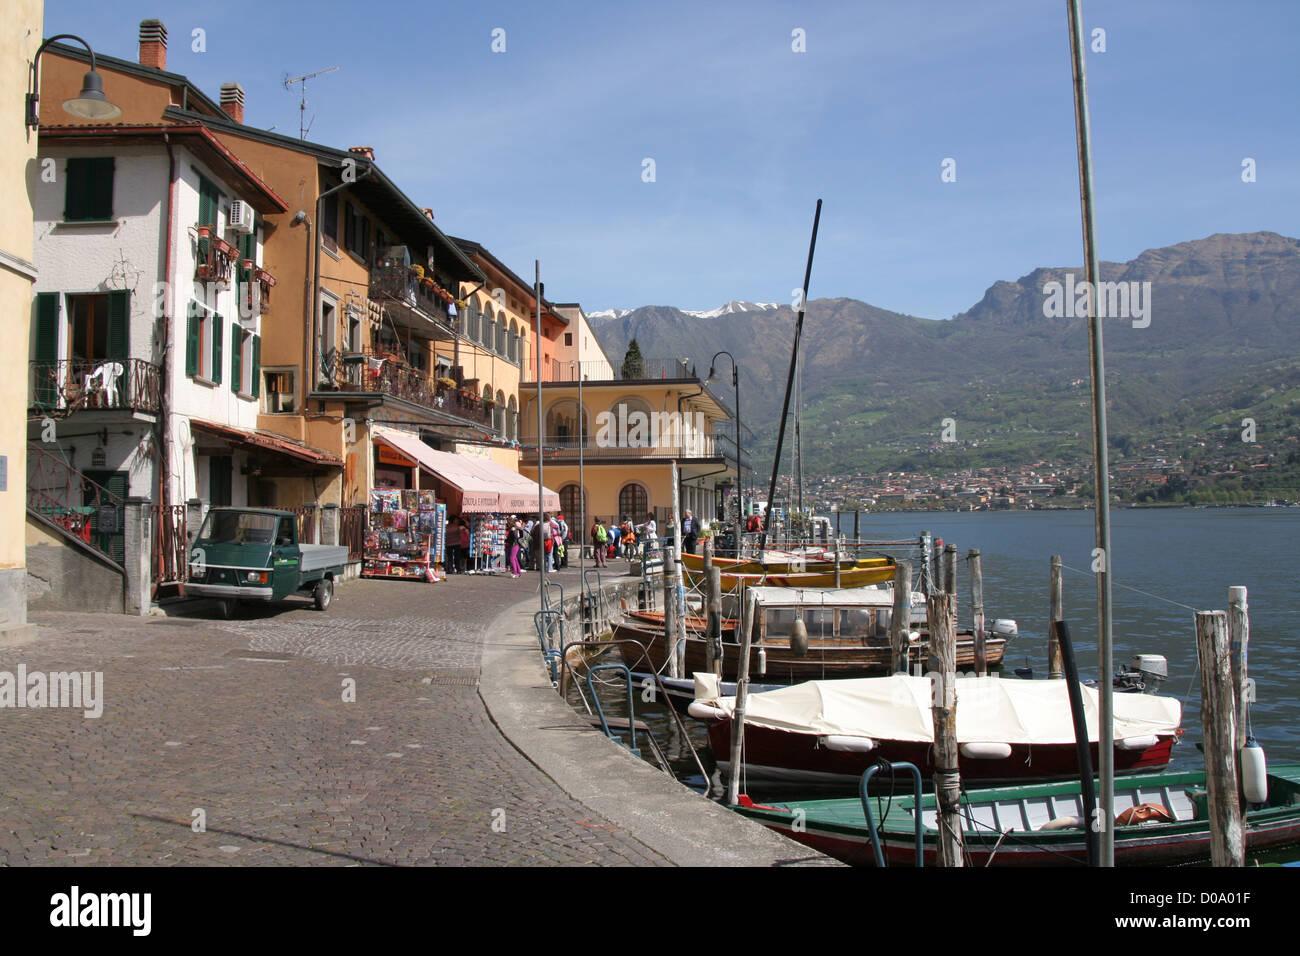 Monteisola island on Lago d'Iseo, Italy - Stock Image